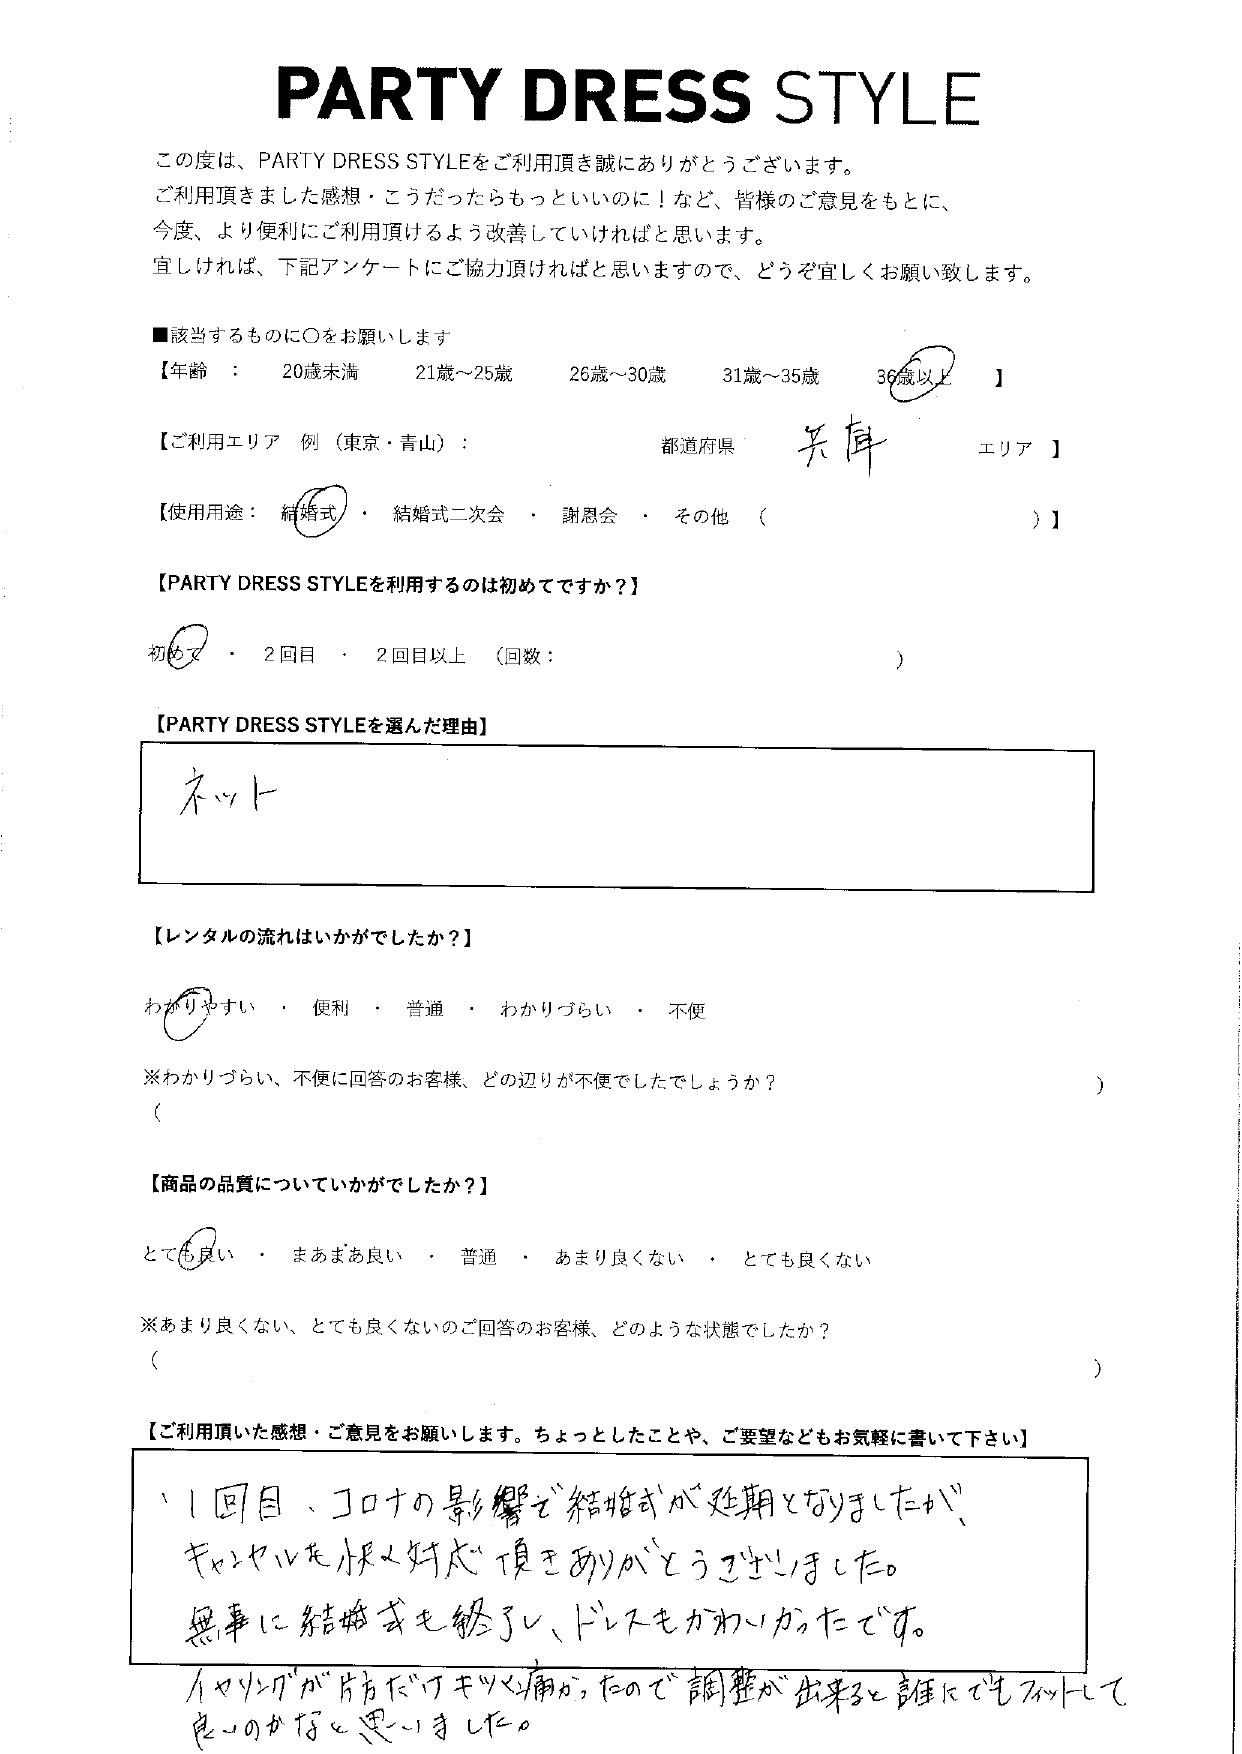 11/7結婚式ご利用 兵庫エリア